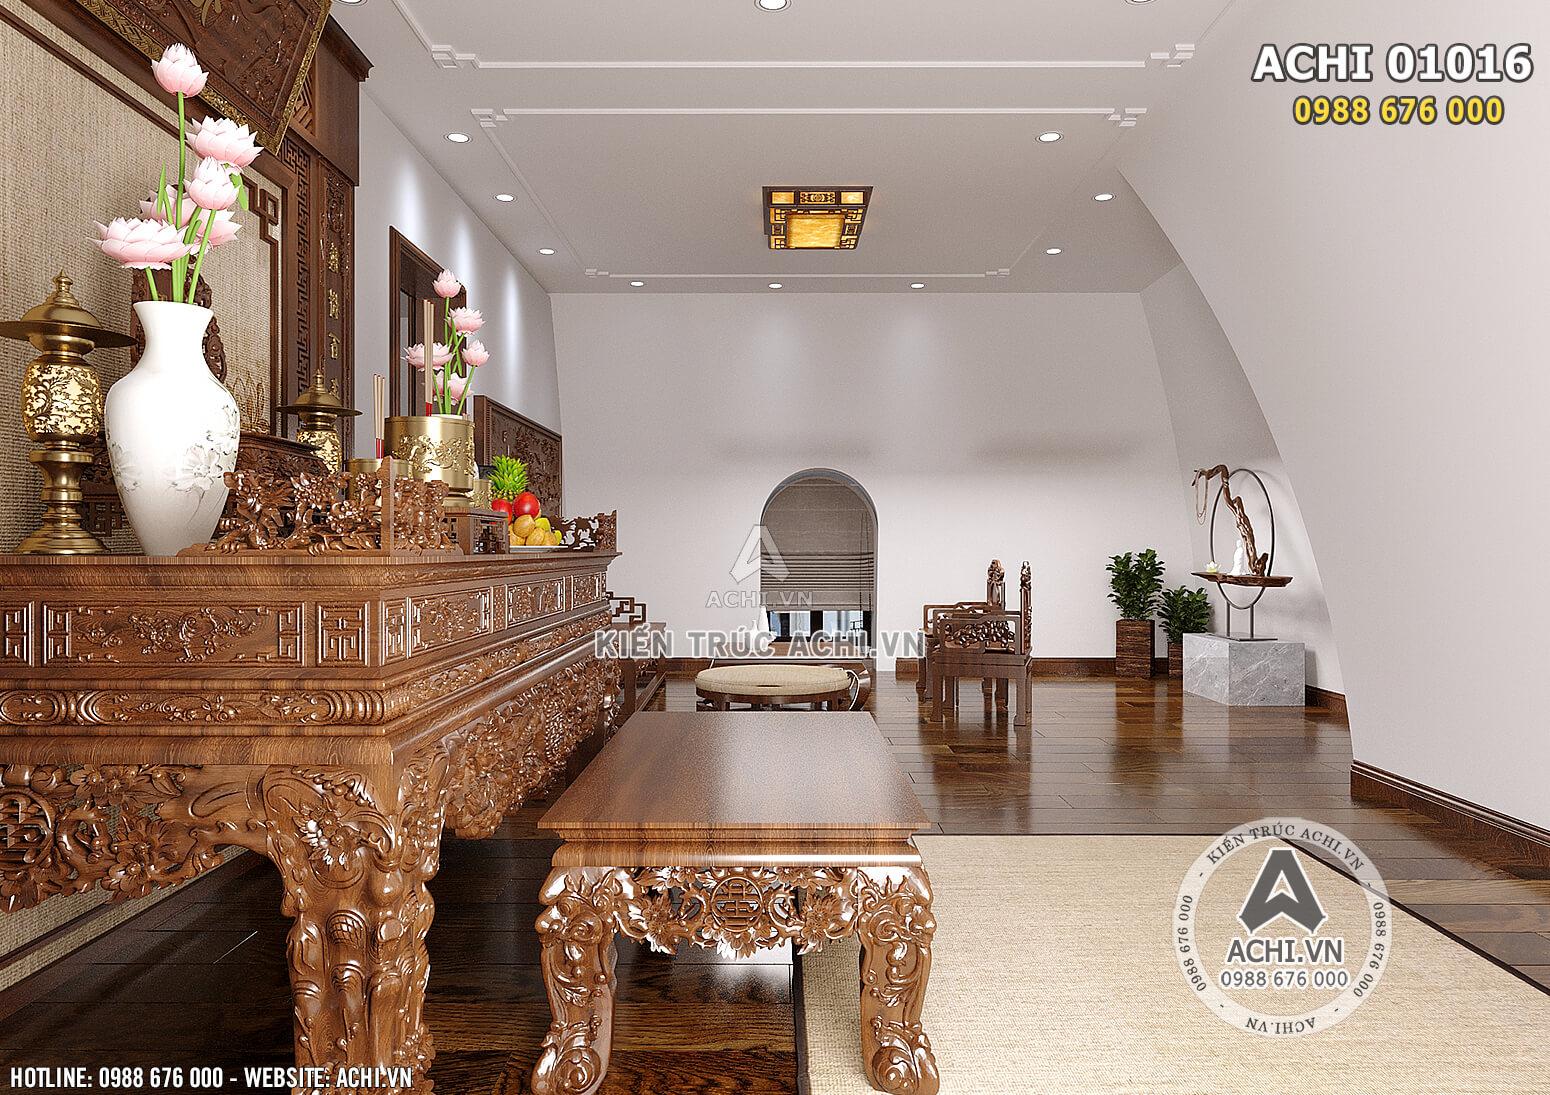 Hình ảnh: Không gian phòng thờ được thiết kế trang nghiêm - ACHI 01016